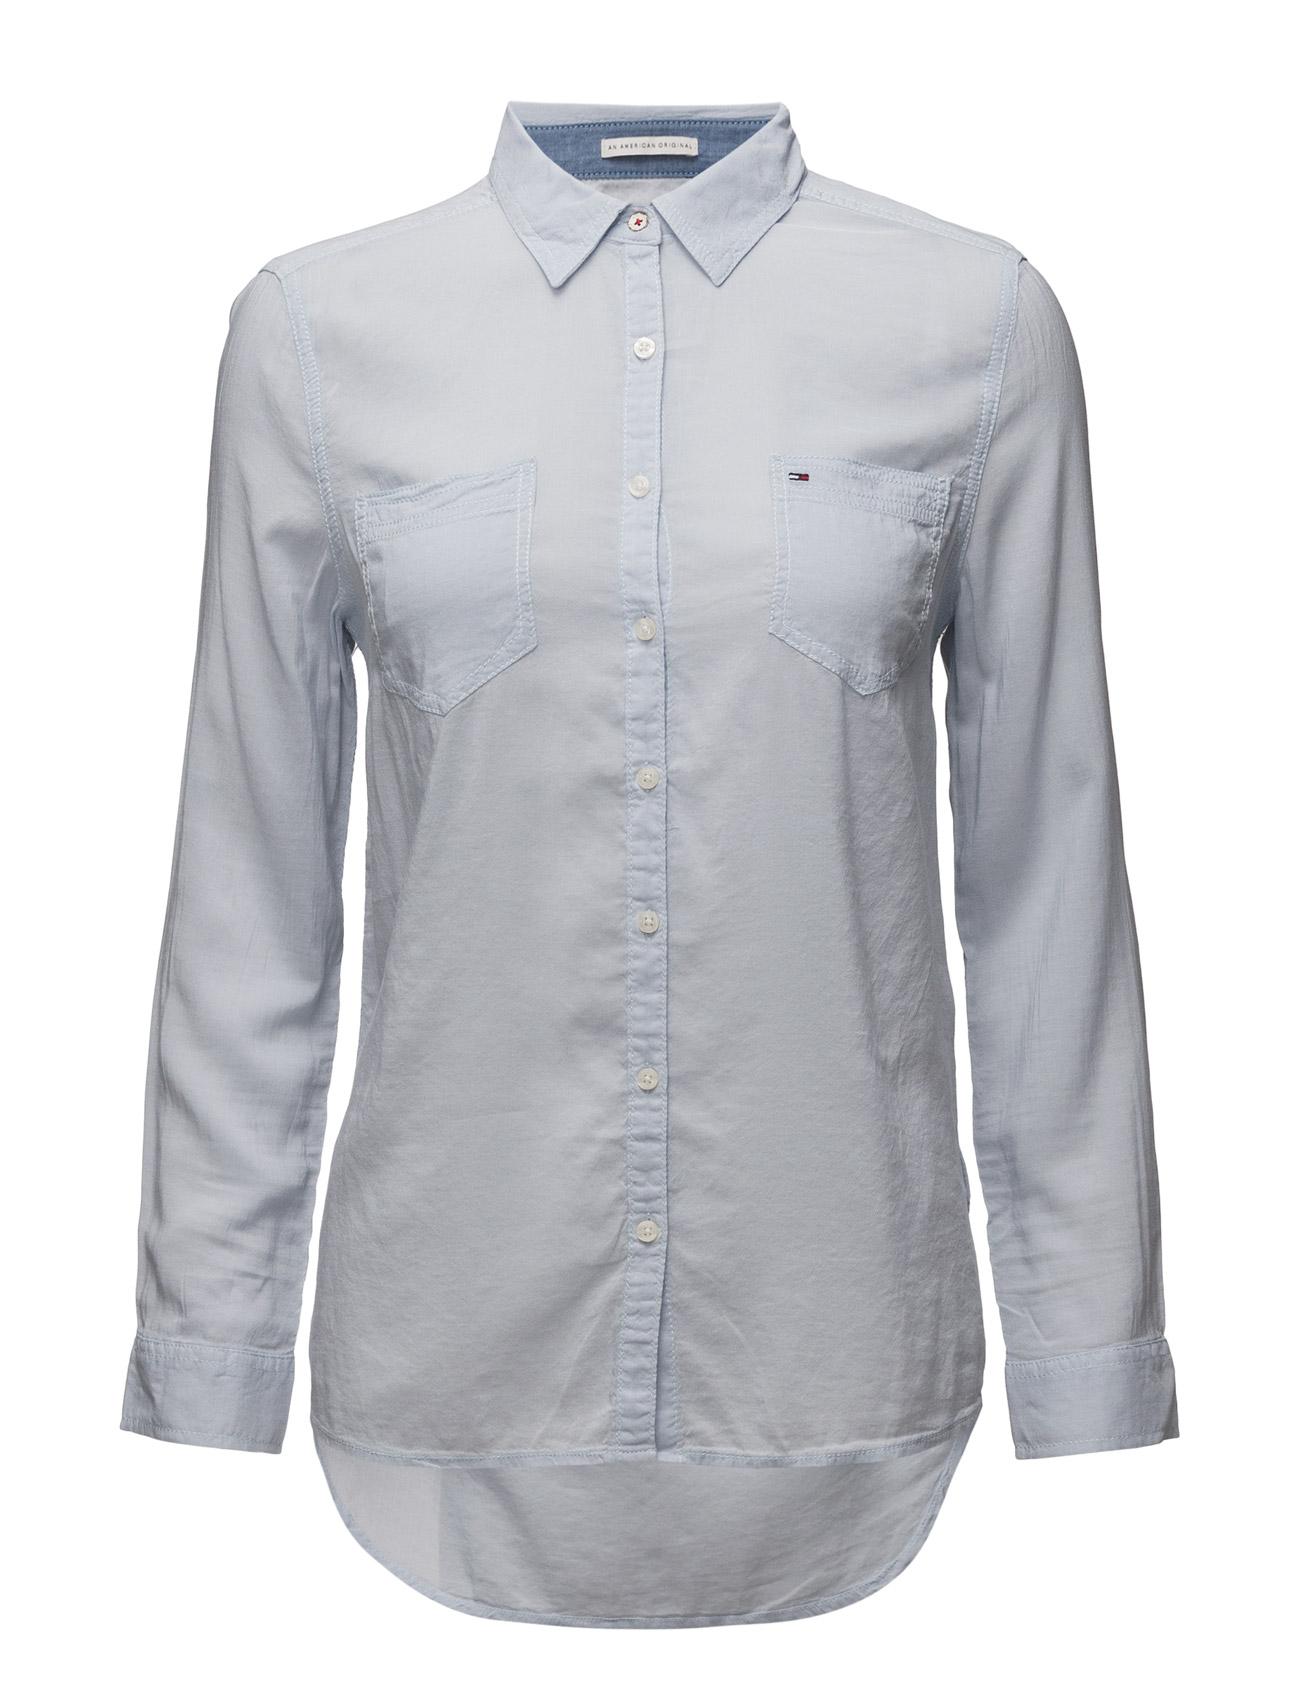 Original Lightweight Shirt L/S Hilfiger Denim Langærmede til Damer i Blå